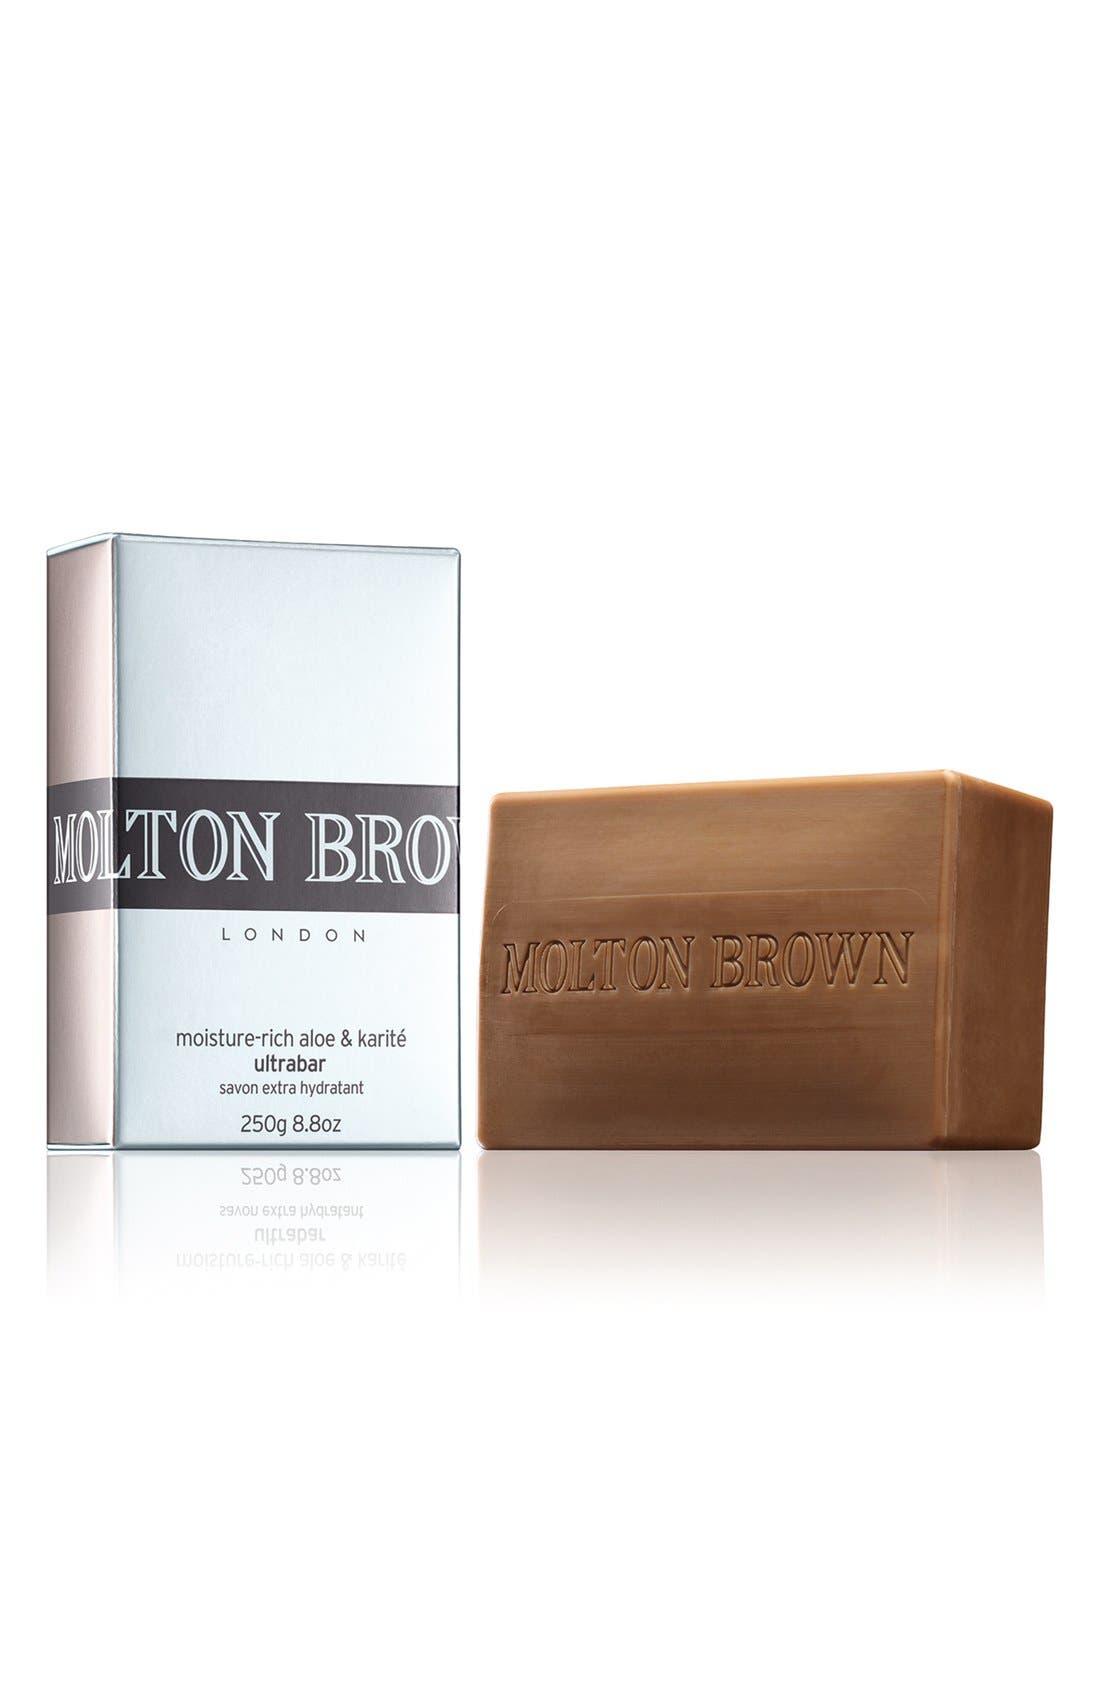 MOLTON BROWN London 'Moisture Rich Aloe & Karite' Ultrabar